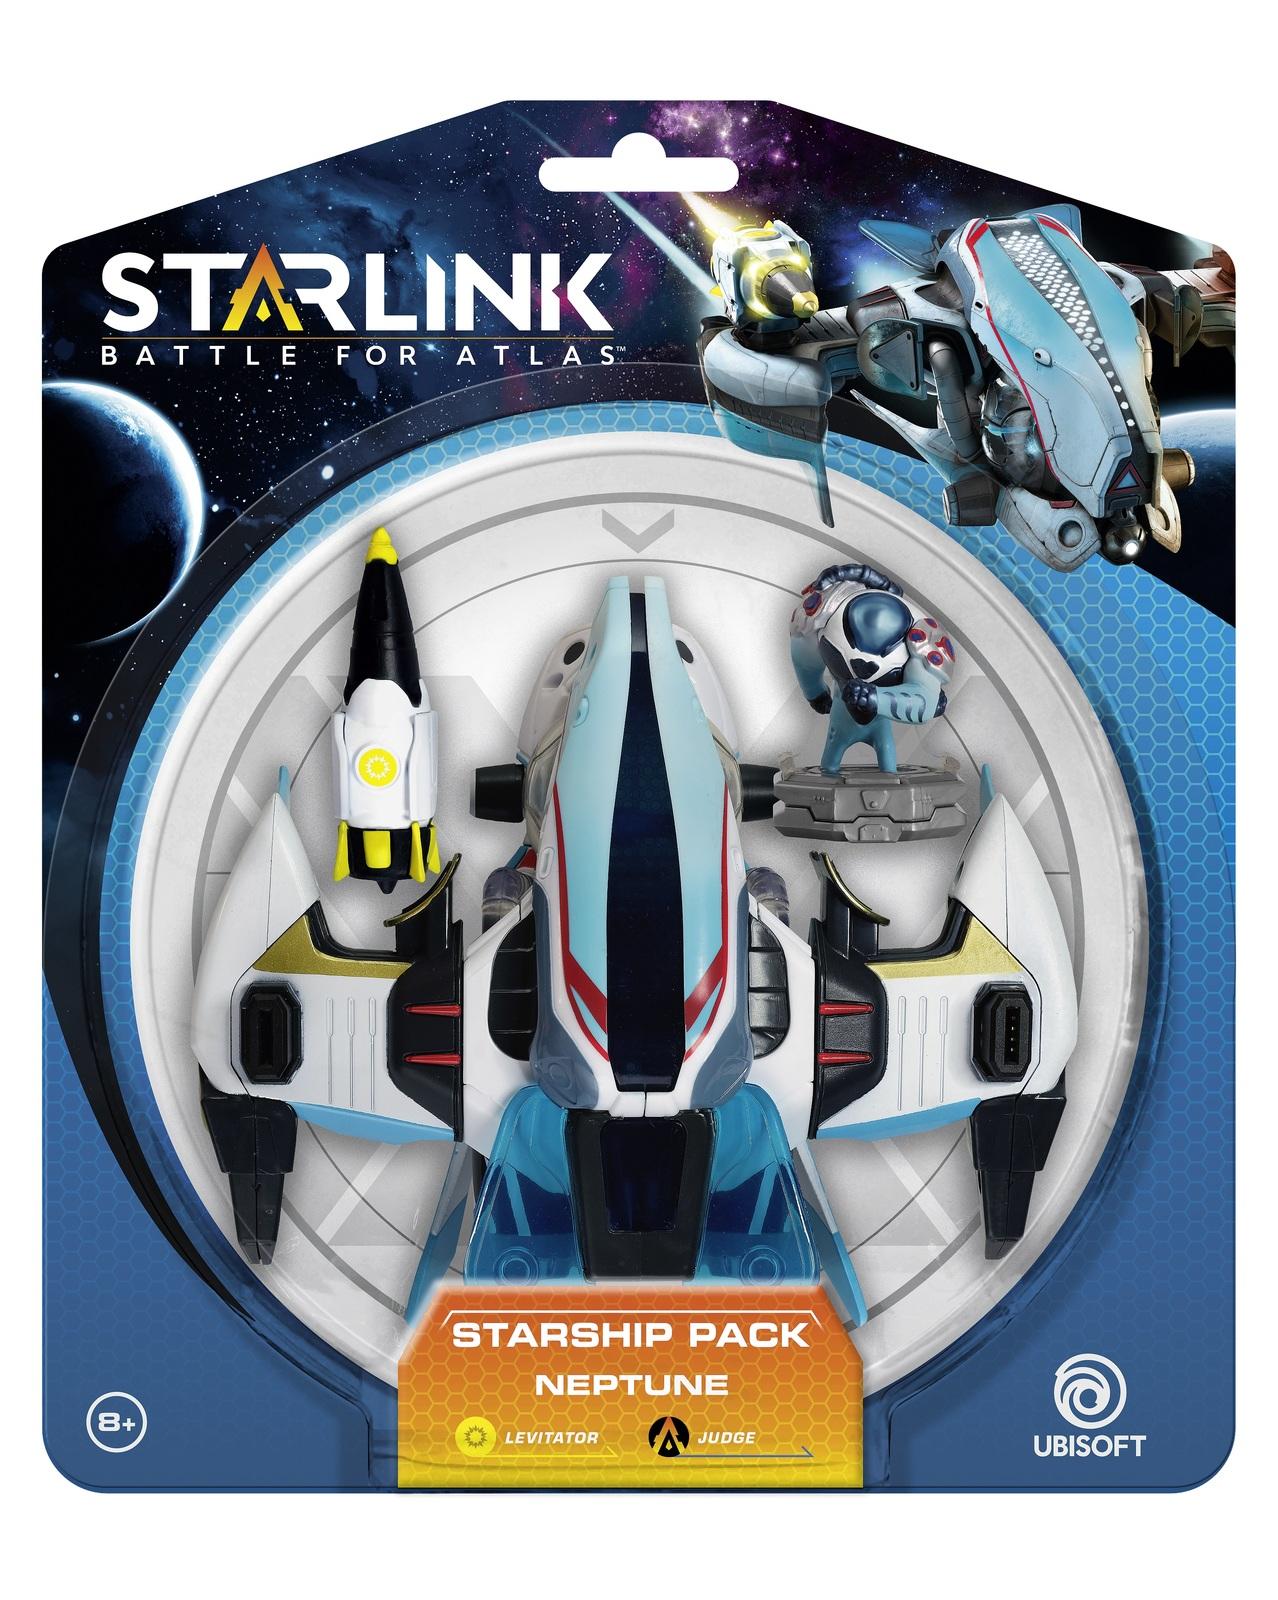 Starlink Starship Pack - Neptune for  image